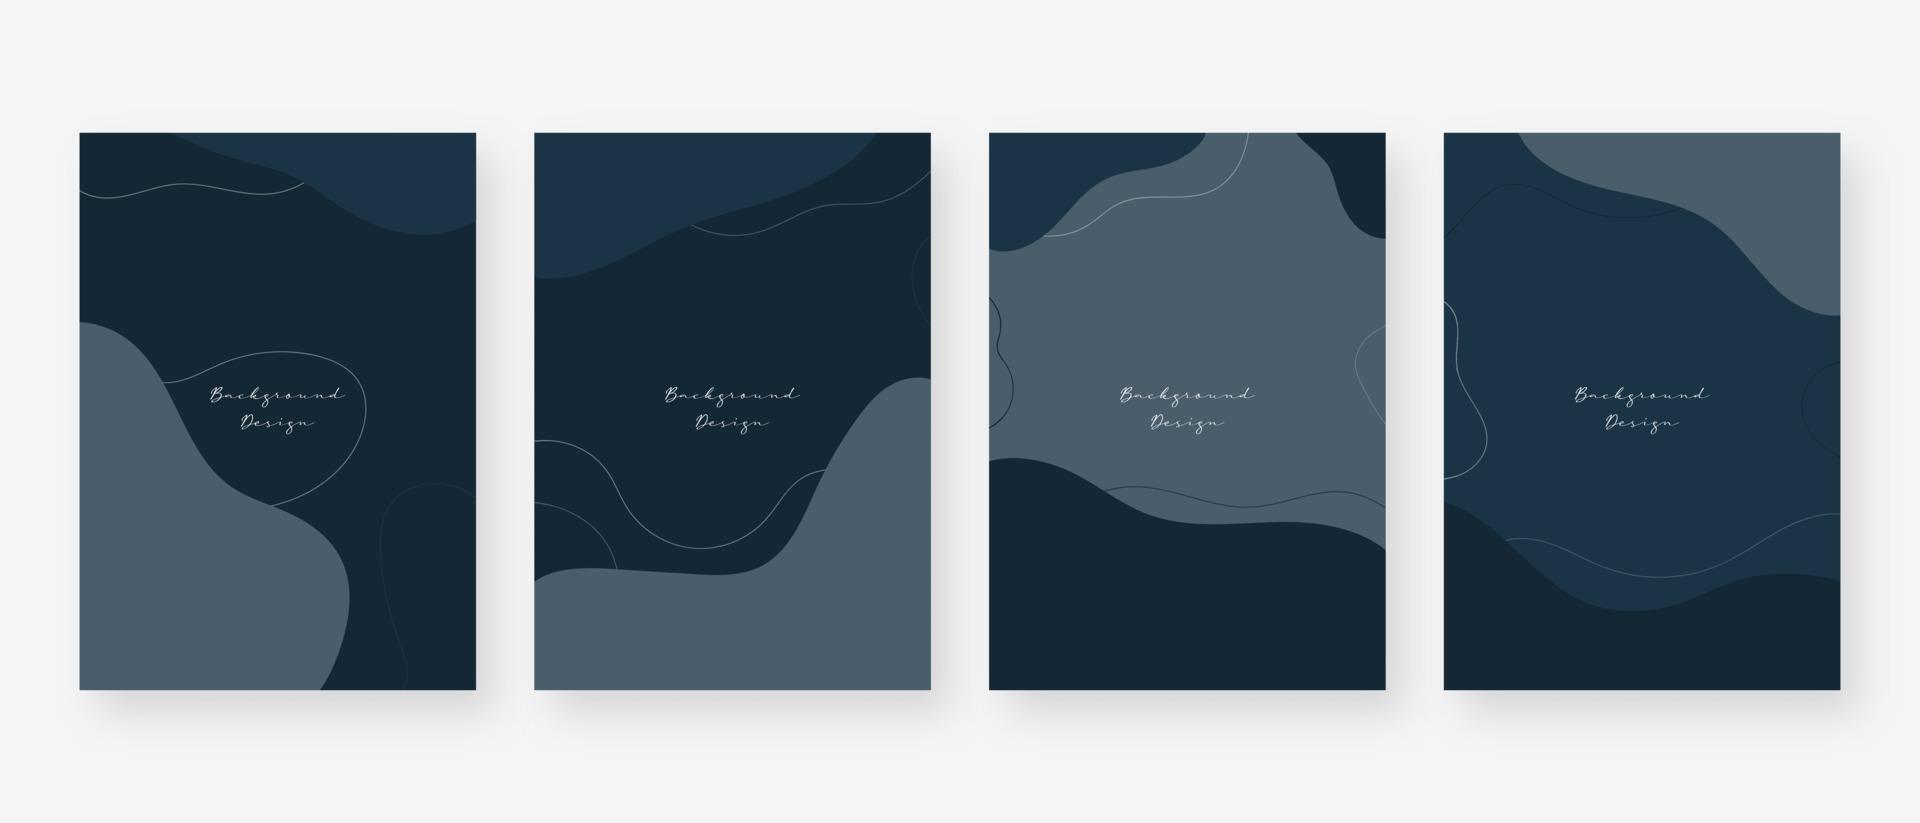 minimale concept achtergrond. abstracte memphis achtergronden met kopie ruimte voor tekst. vector illustratie.